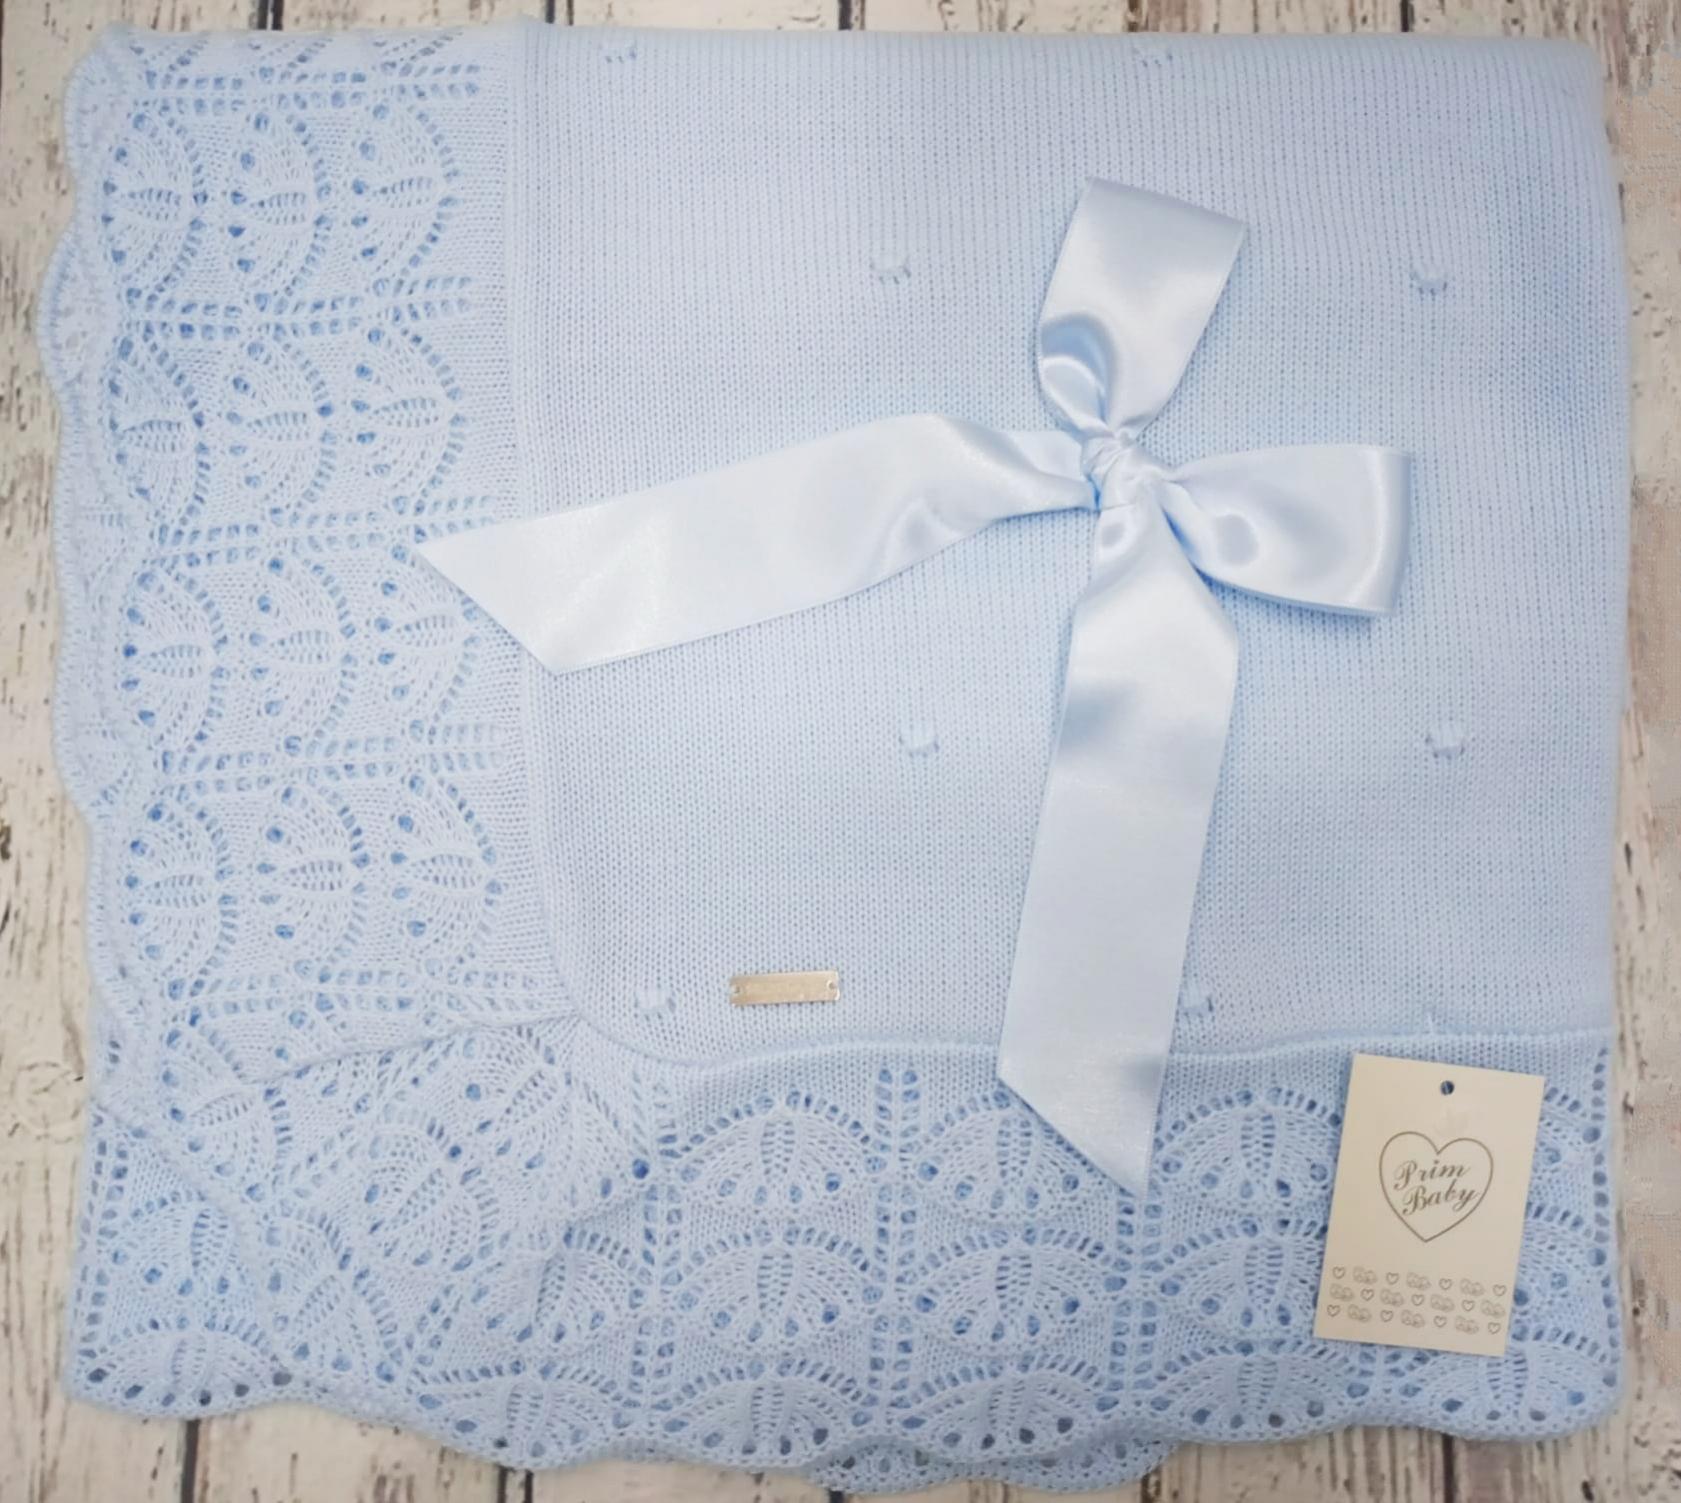 Toquilla Bebé Azul  de Prim Baby.